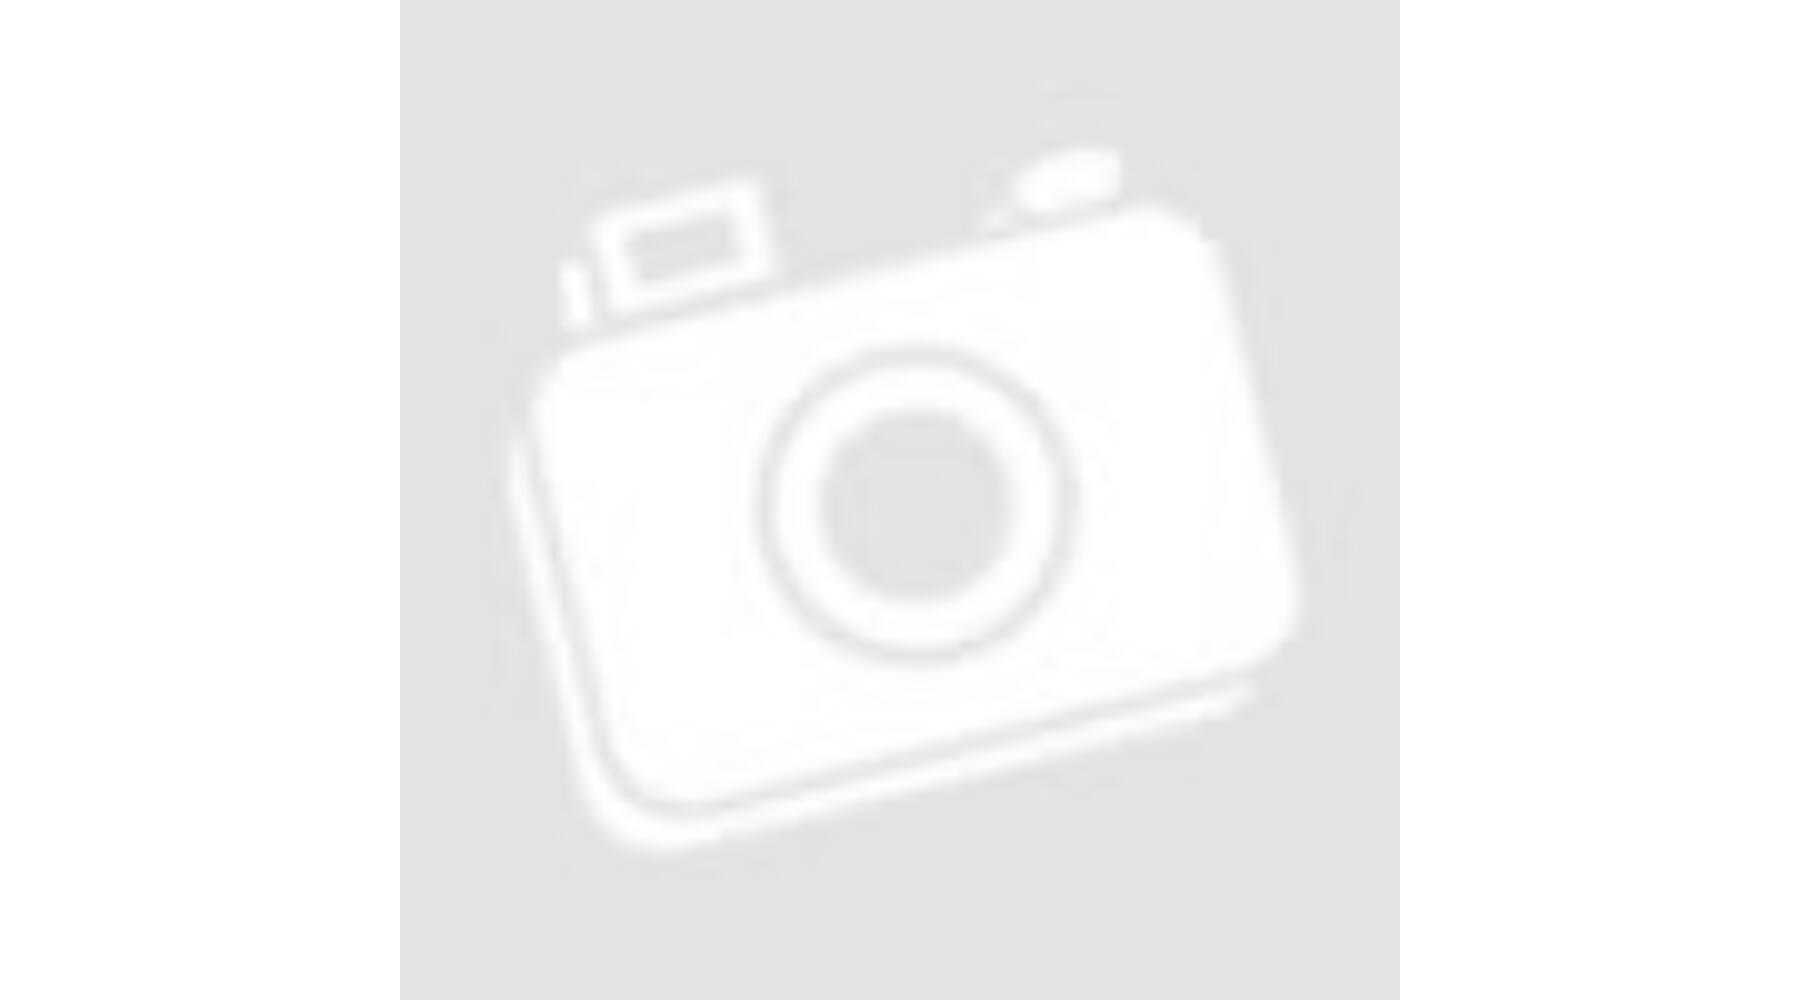 szakadt farmer mintás capri leggings - S - ZenudaShop - Ruha webáruház 29bf208c08